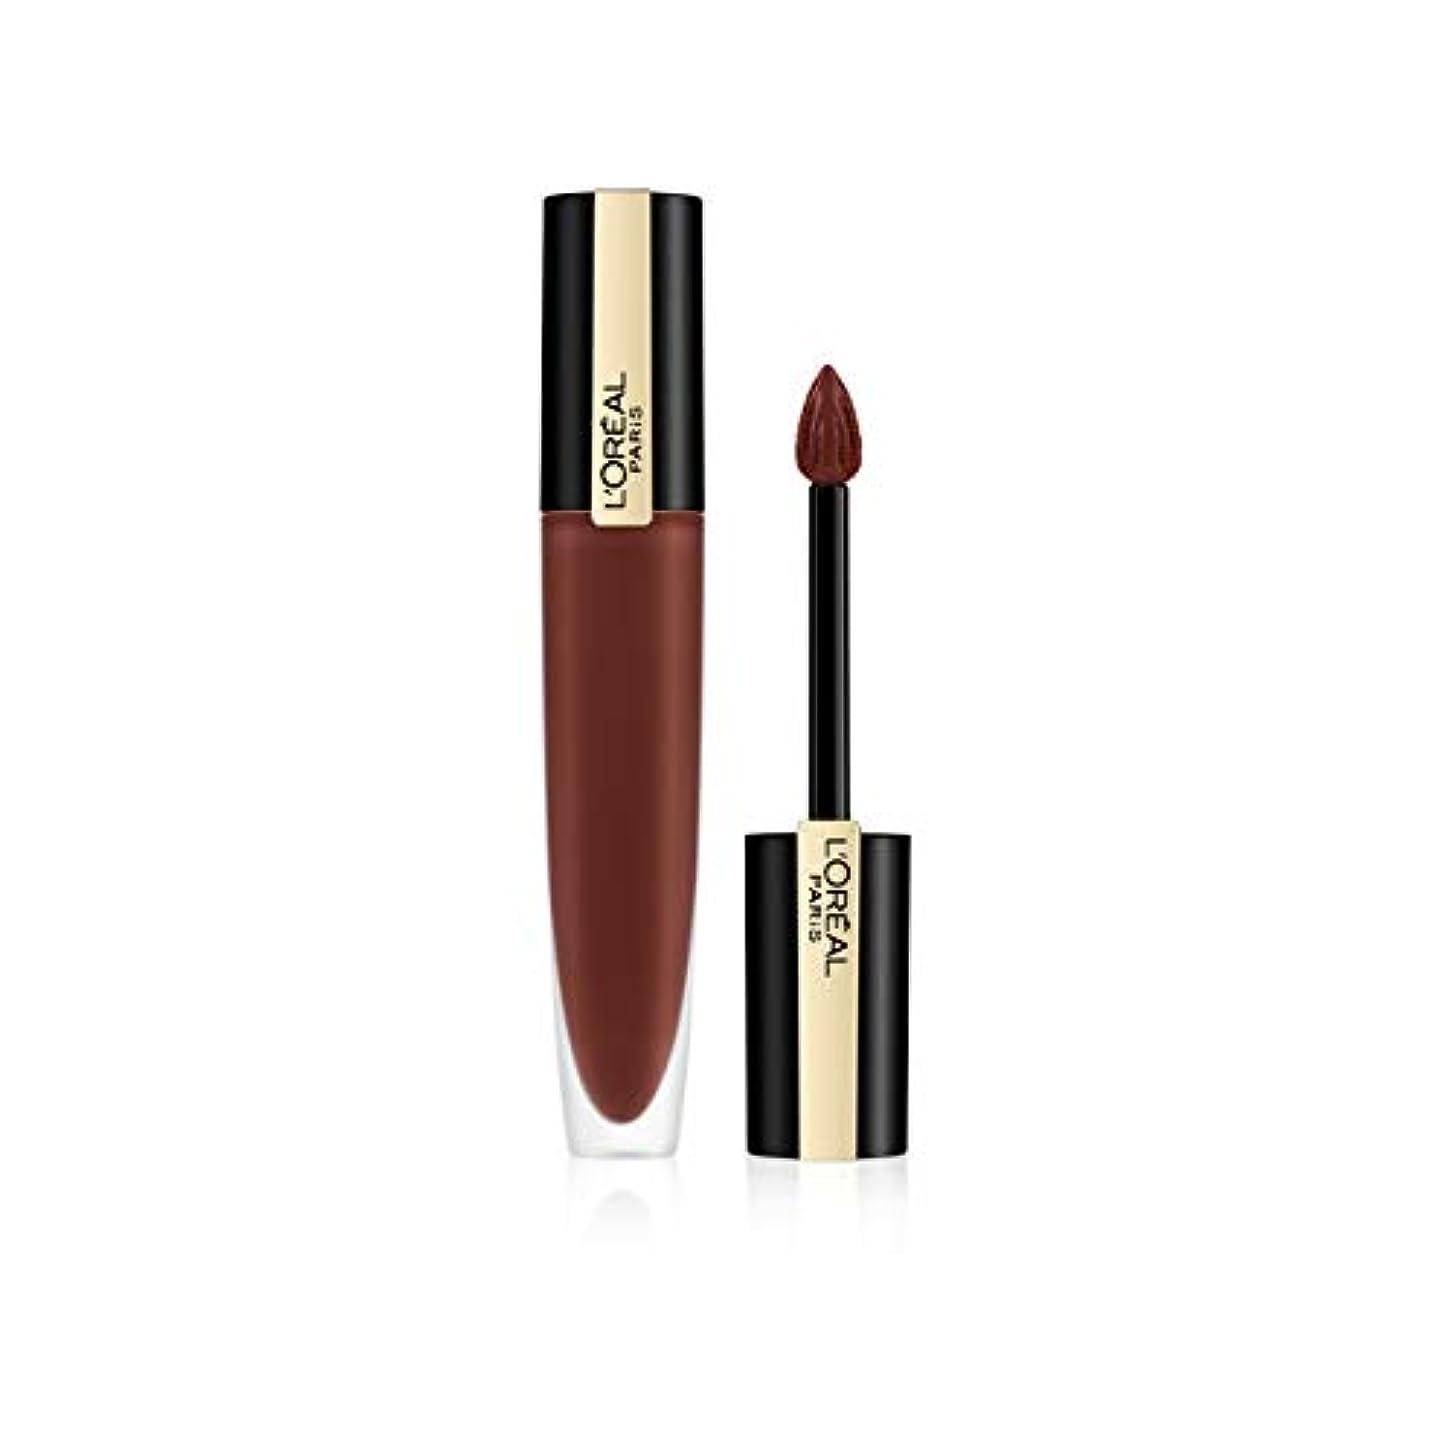 ほとんどの場合飲み込む維持するL'Oreal Paris Rouge Signature Matte Liquid Lipstick,126 I Play, 7g